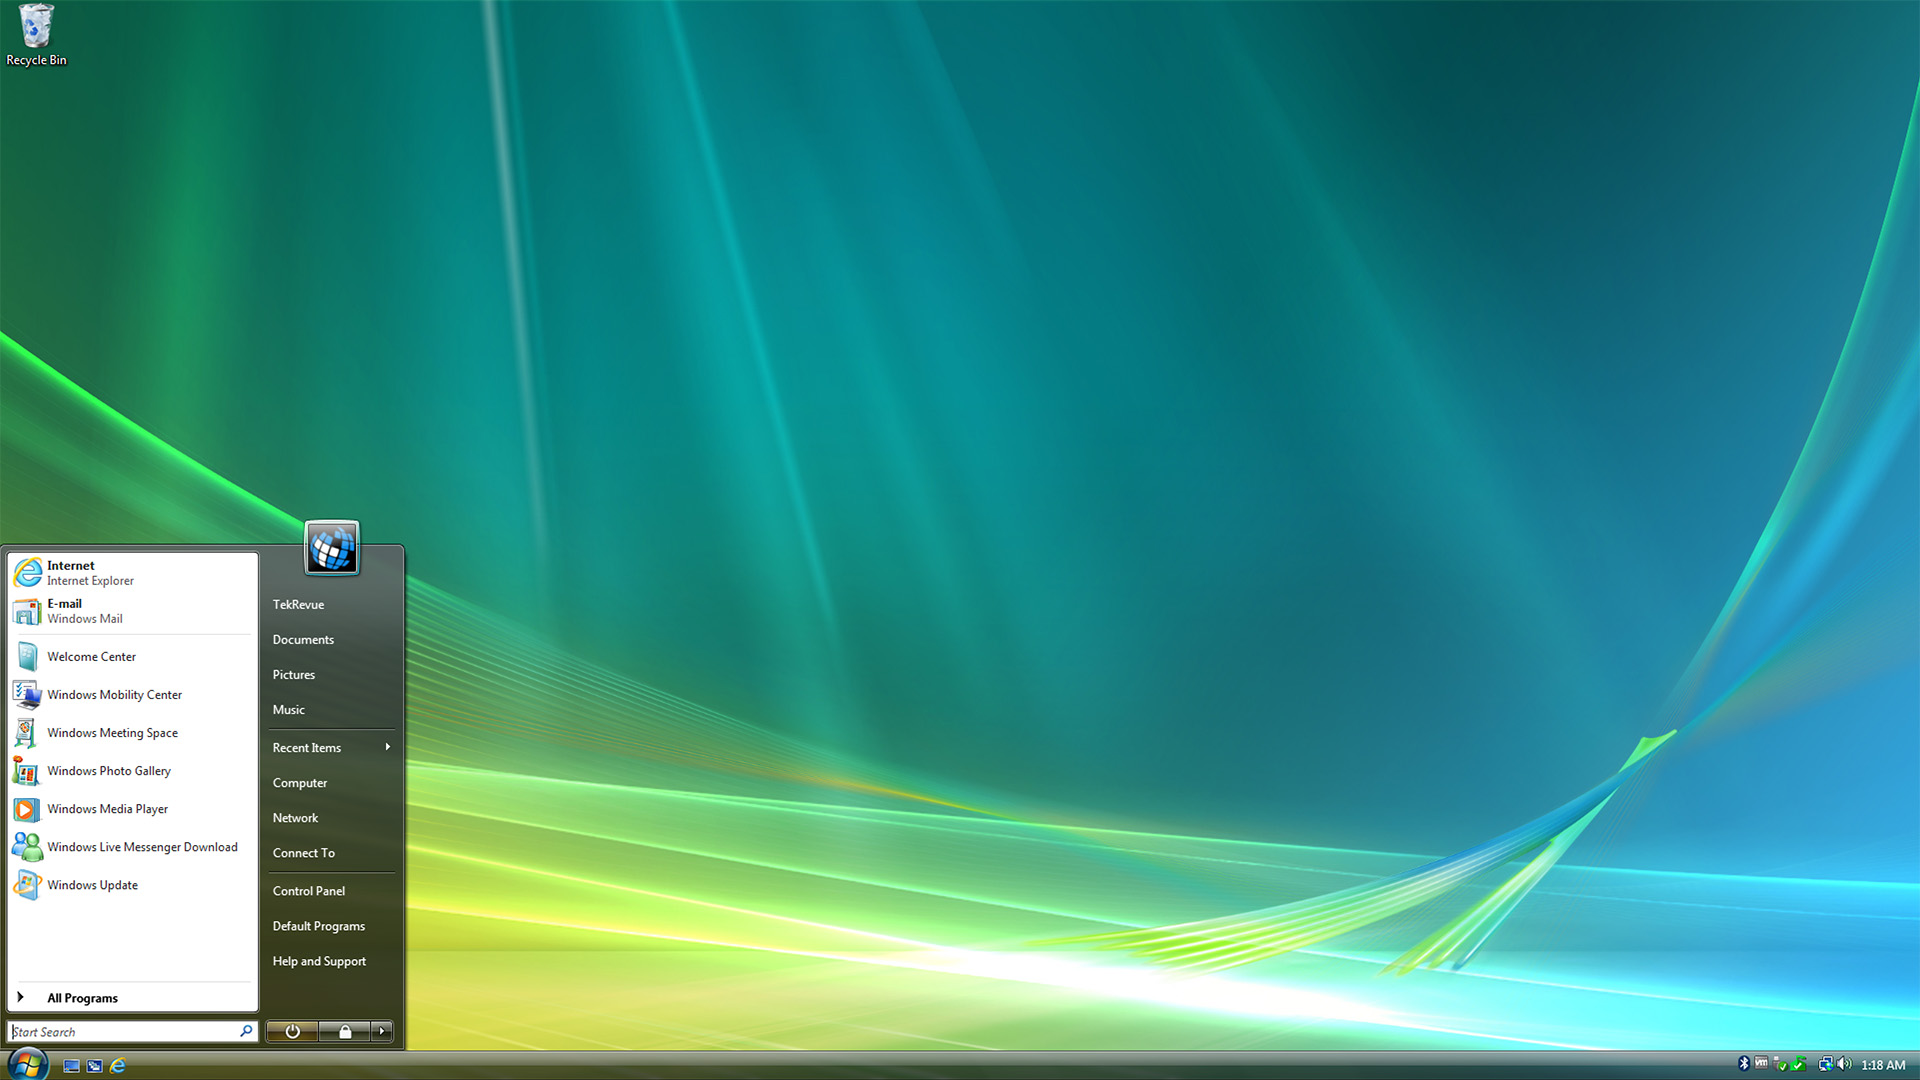 Windows Vista Backgrounds, Compatible - PC, Mobile, Gadgets| 1920x1080 px